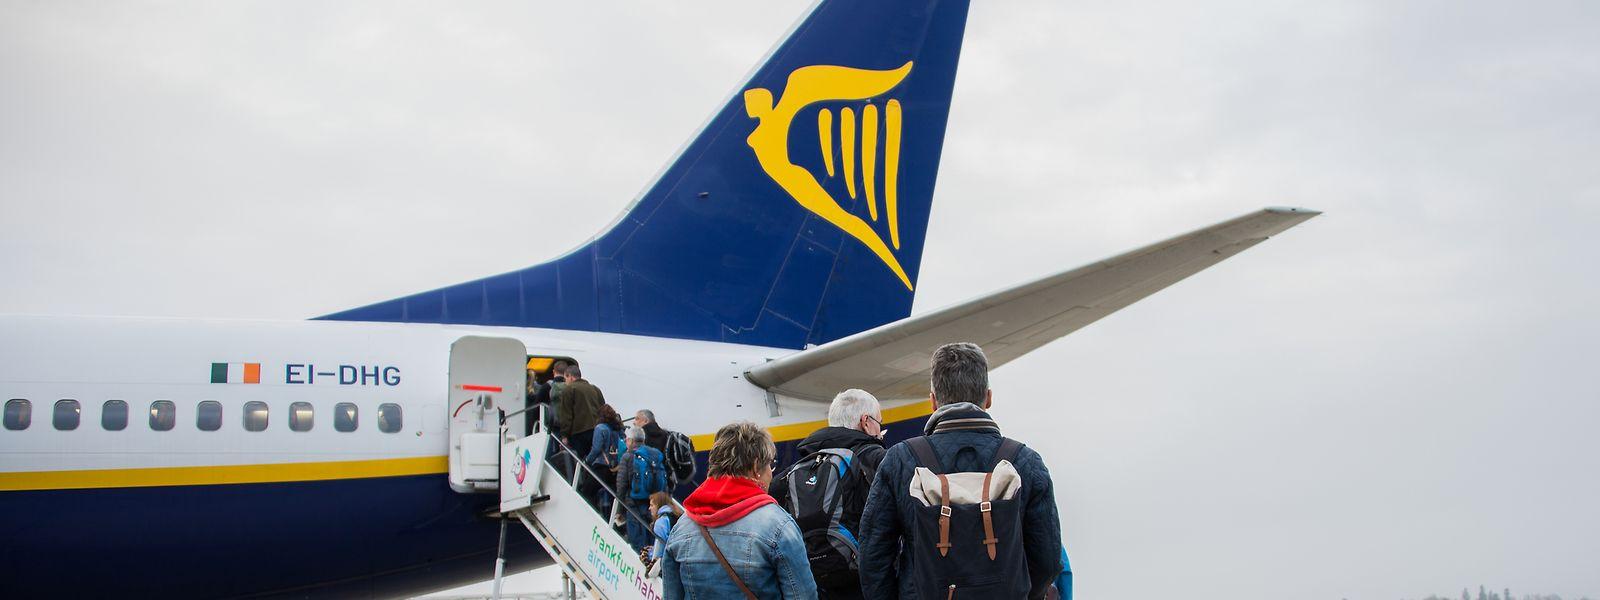 """Die irische Fluggesellschaft Ryanair rechnet mit mehr Fluggästen - das Geschäftsergebnis für dieses Jahr wird allenfalls """"null"""" sein."""